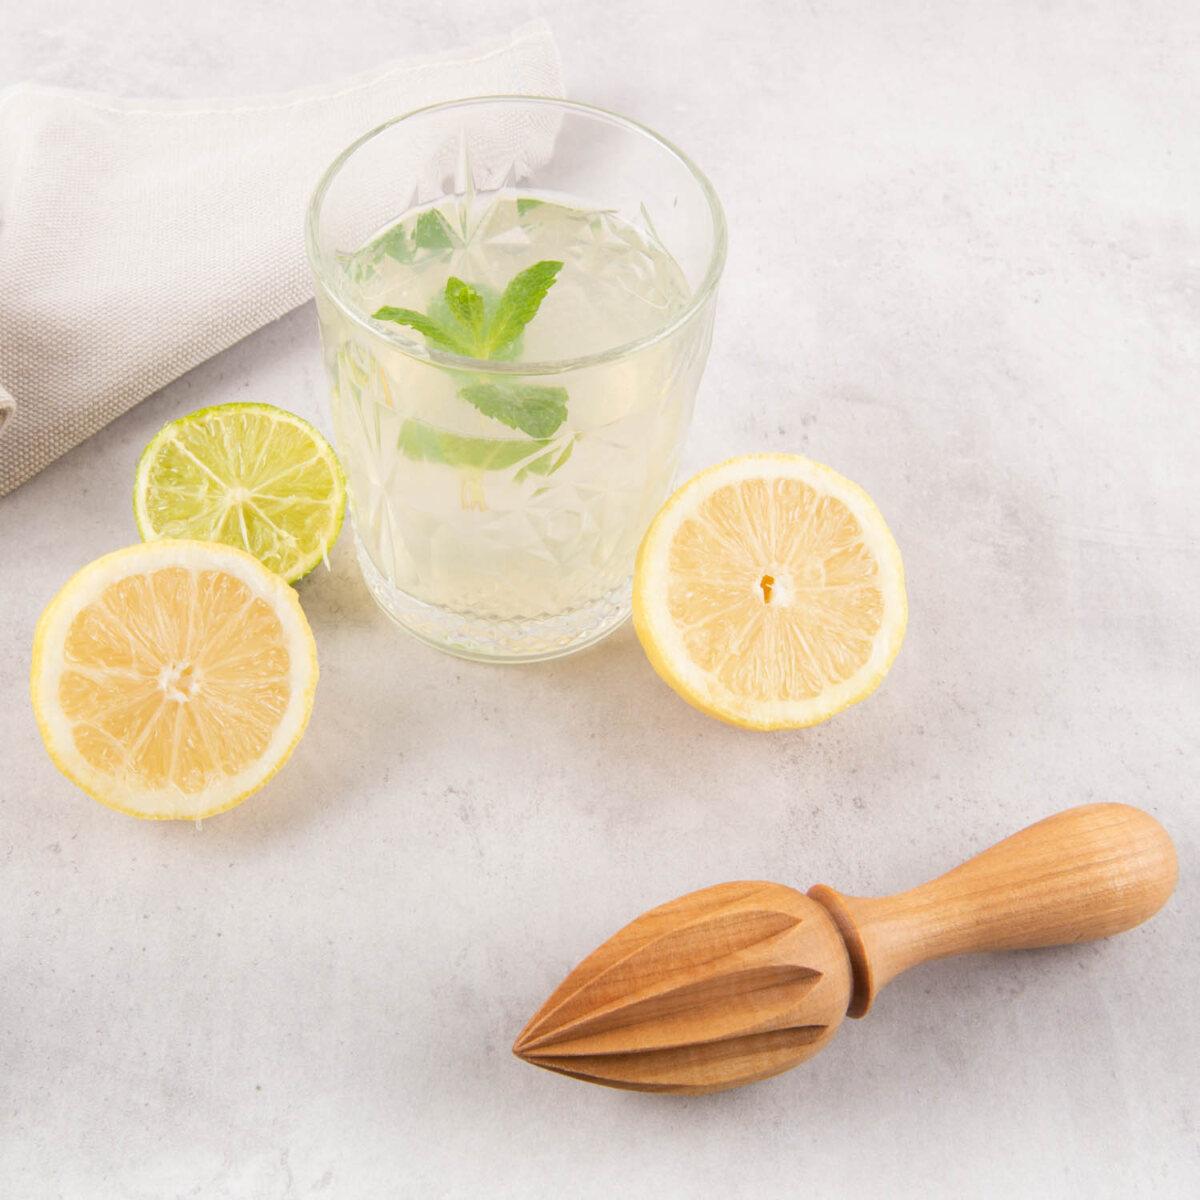 citroen limoen pers